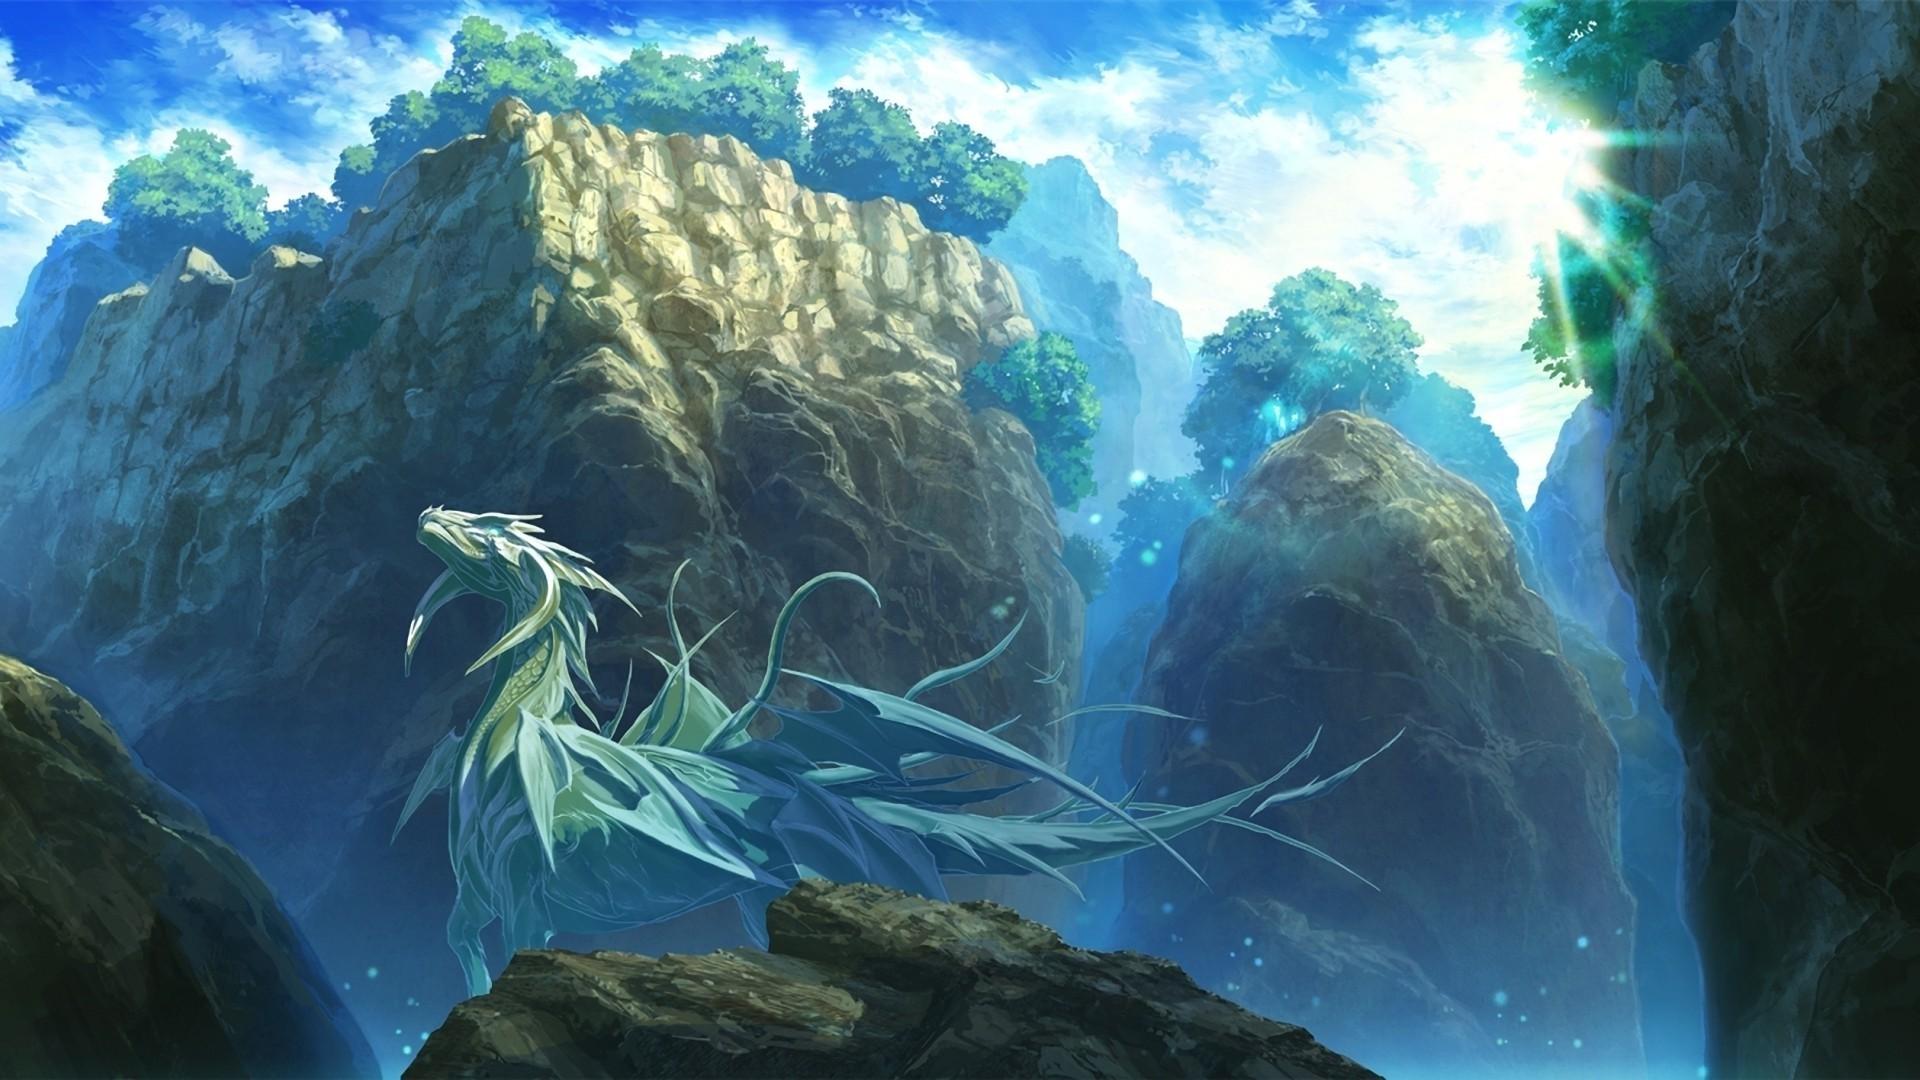 Pokemon Wallpaper 3d Hd Fantasy Art Dragon Mountain Wallpapers Hd Desktop And